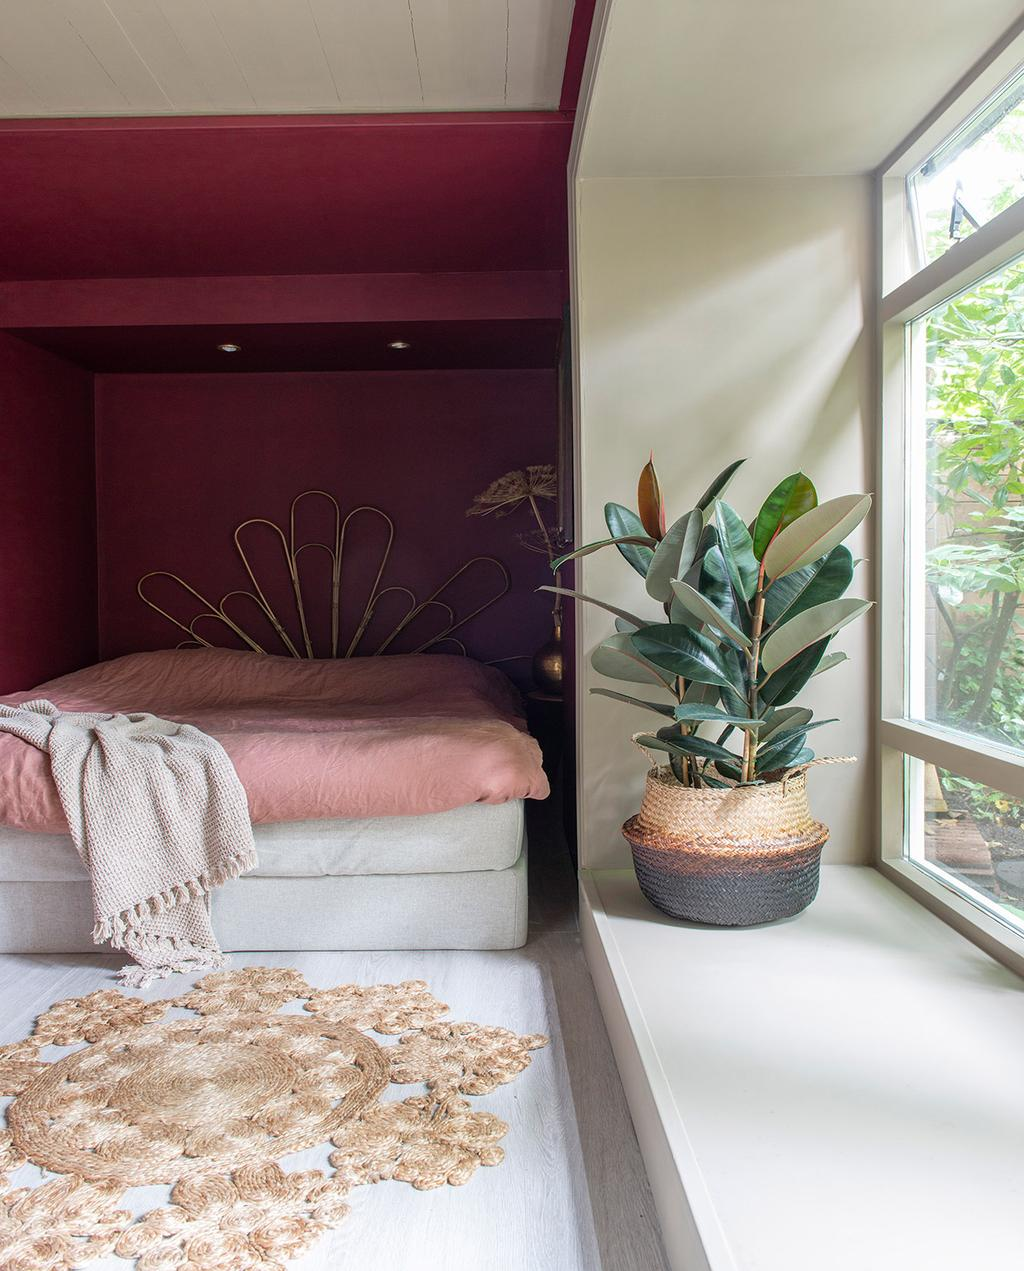 vtwonen 01-2021 | slaapkamer met roze bed met gouden hoofdeinde met een plant naast het raam